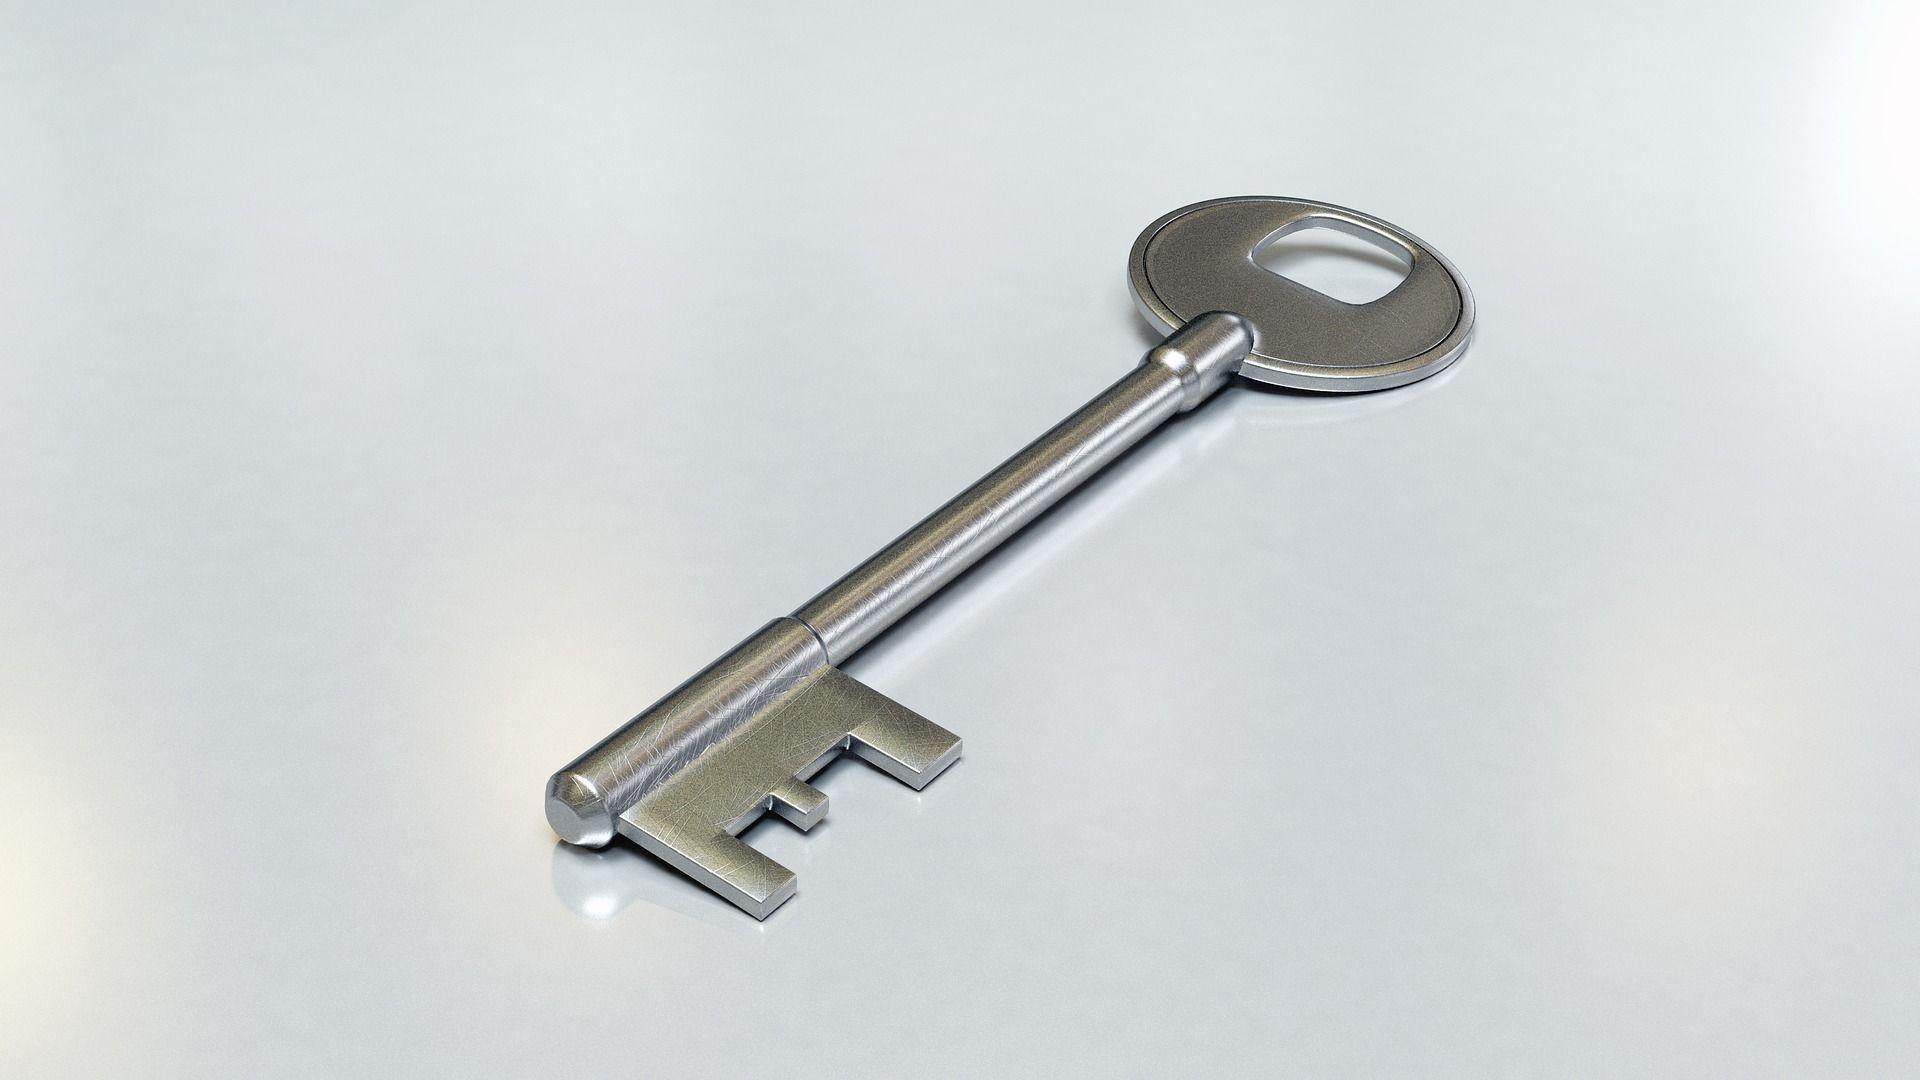 Silver deadlock key on white table